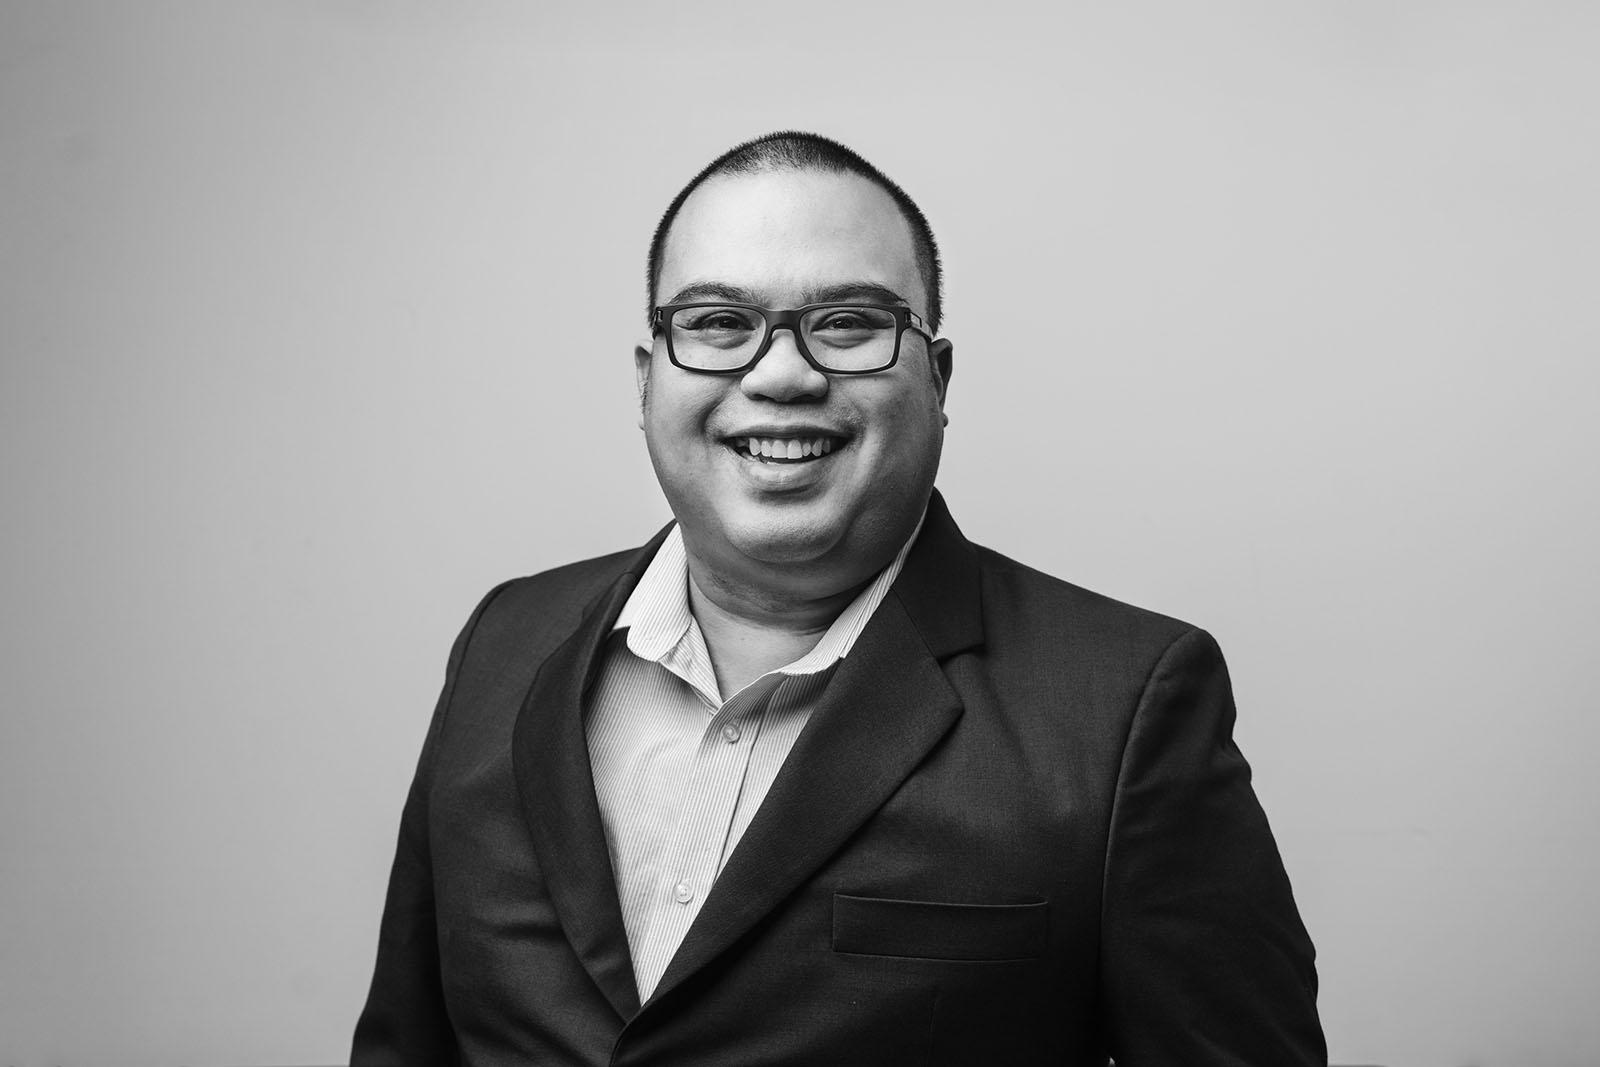 Corporate Portrait - Black and White